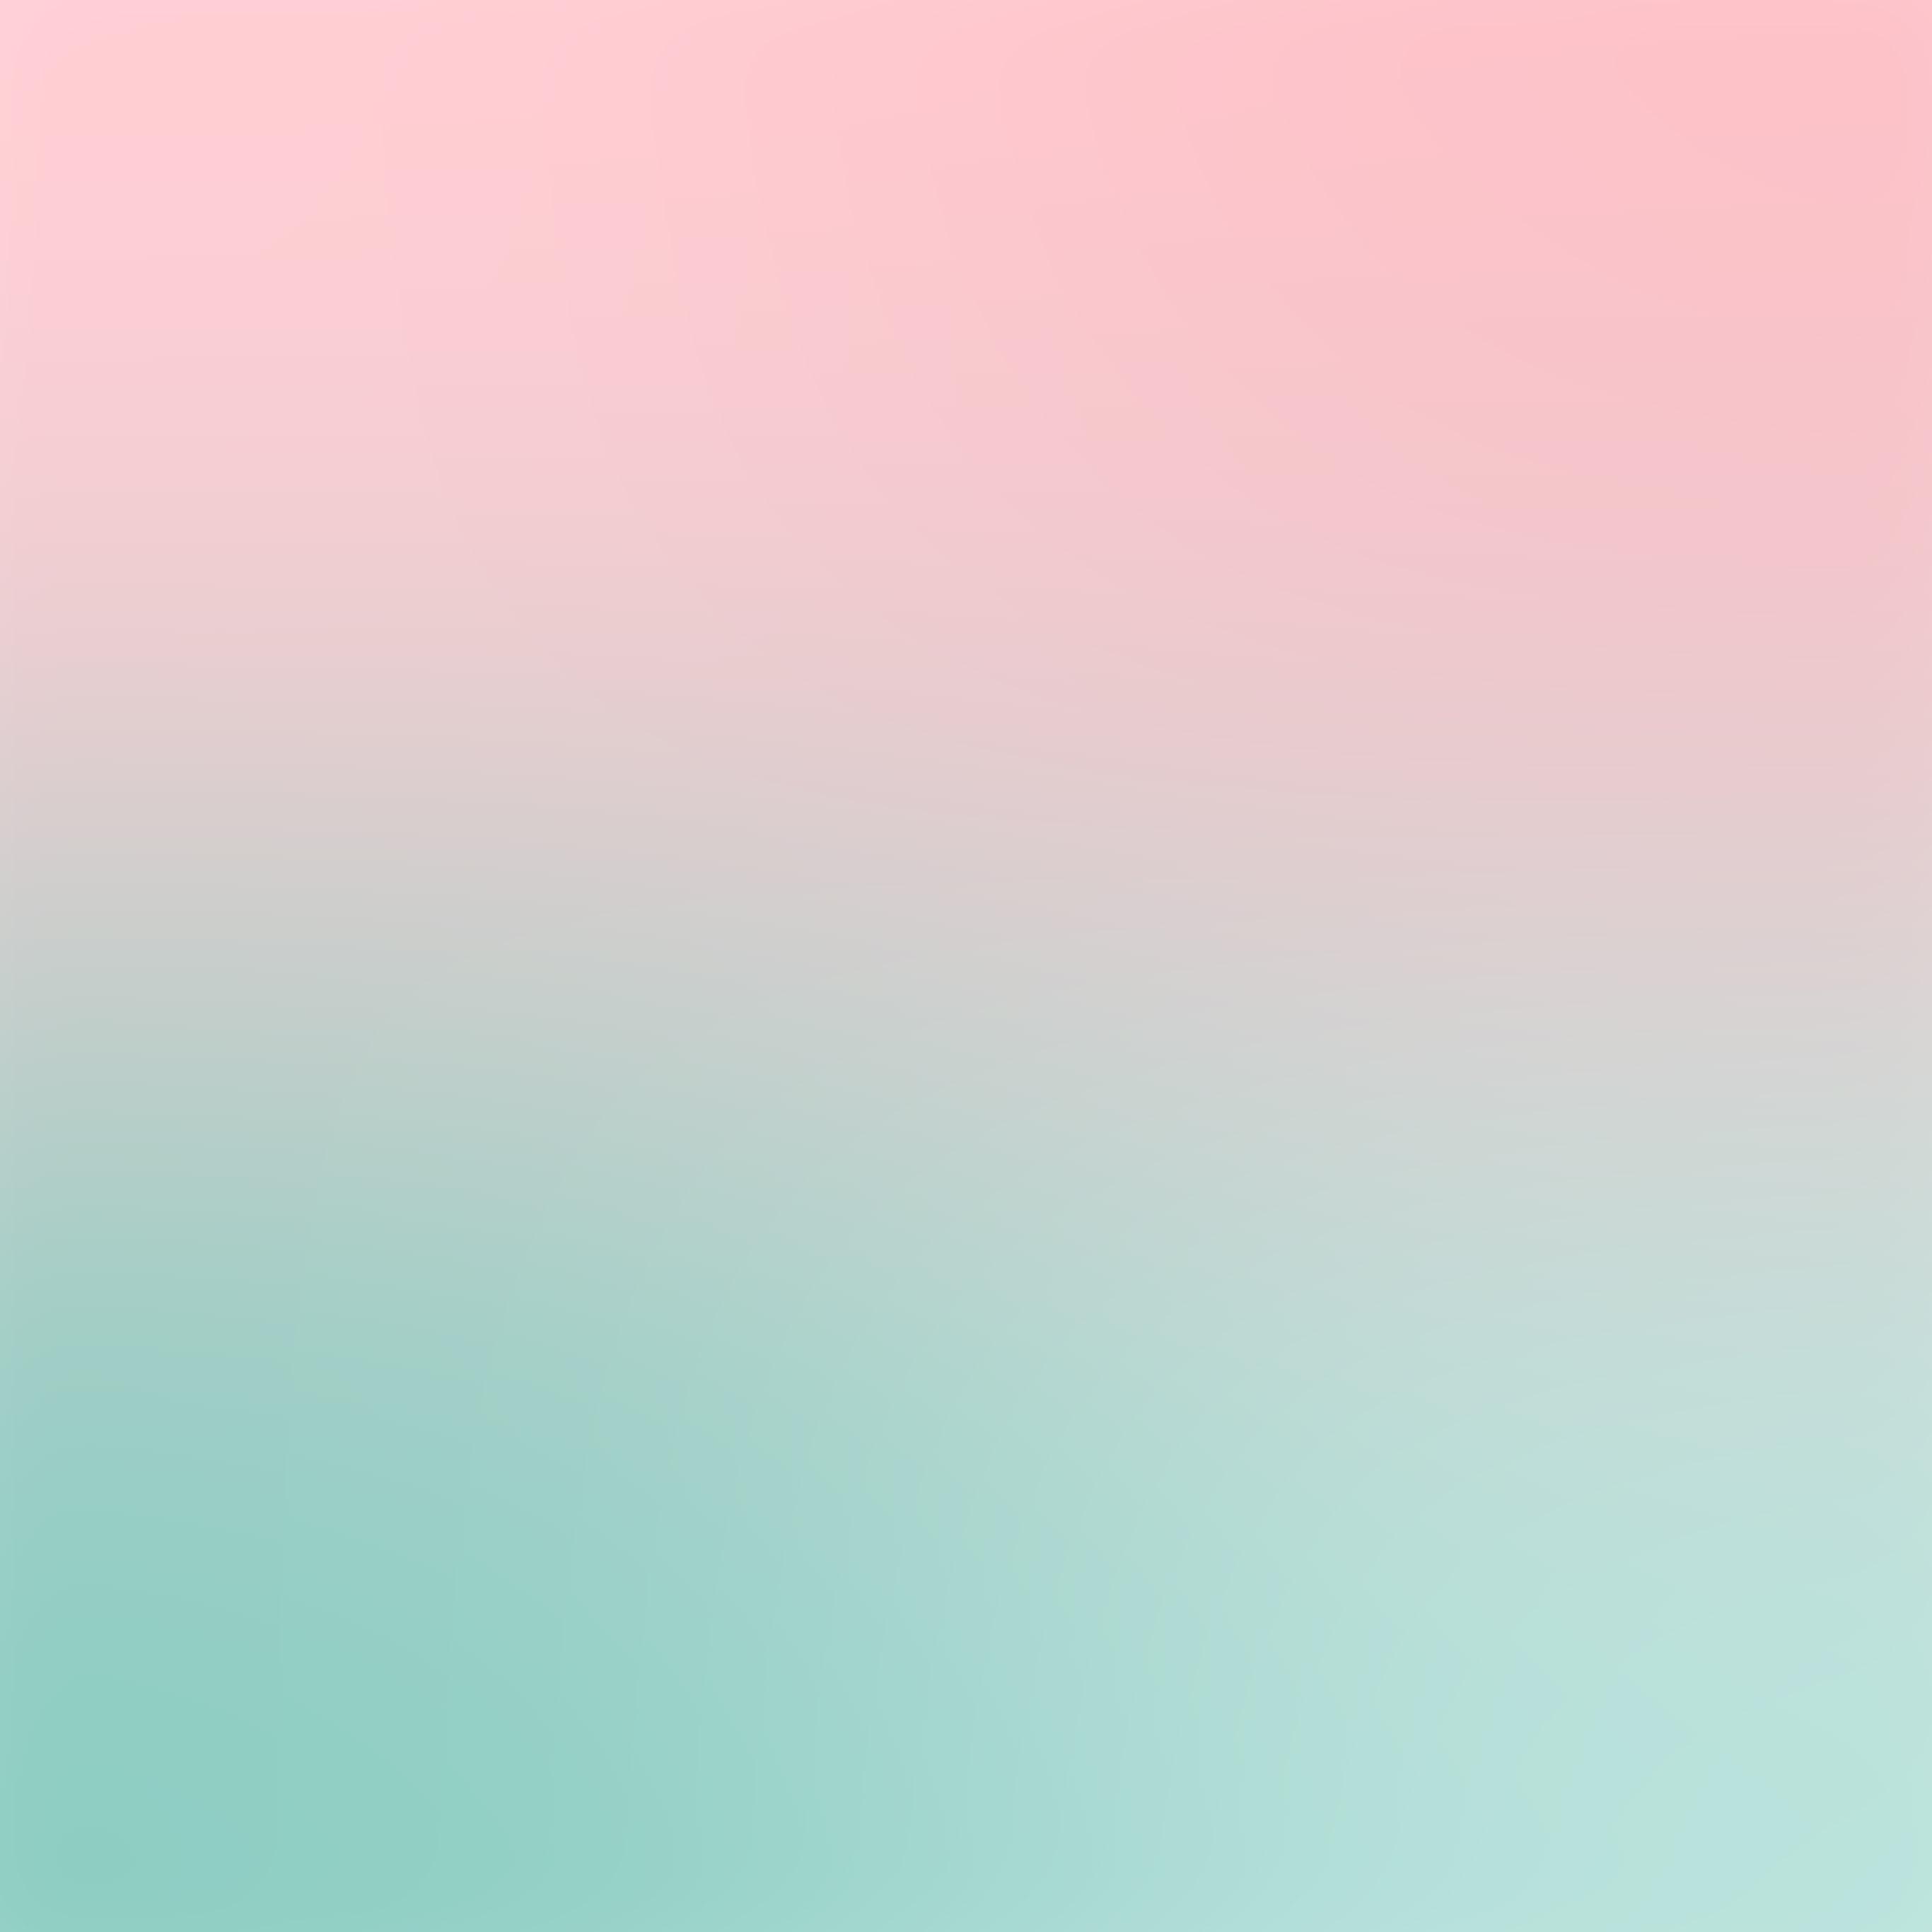 Wallpaper Warna Pink Pastel Polos I Papers Sn08 Pink Pastel Pink And Green 2732x2732 Wallpaper Teahub Io Apa itu warna pastel